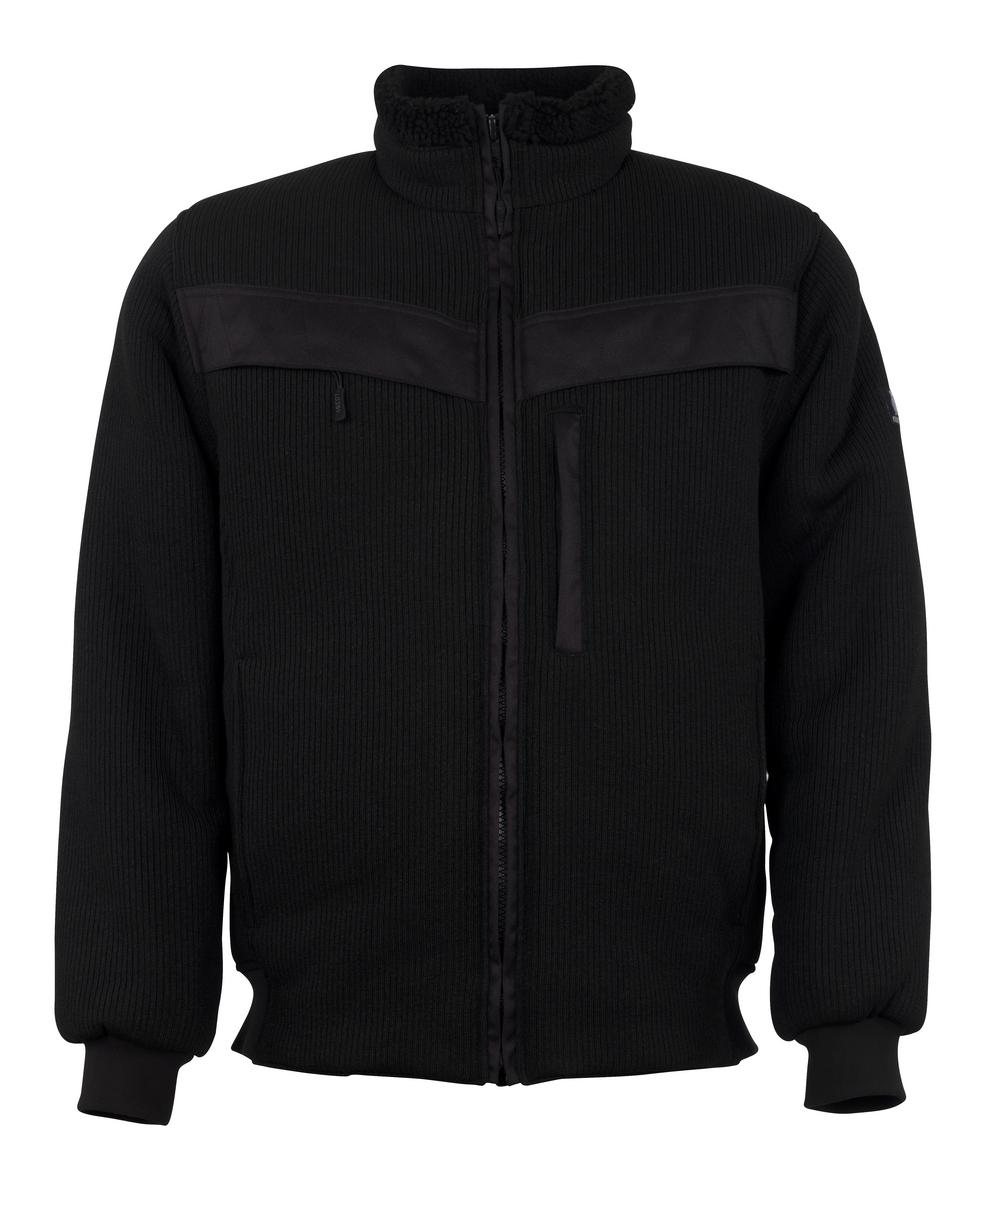 11043-600-09 Stickad jacka med blixtlås - svart